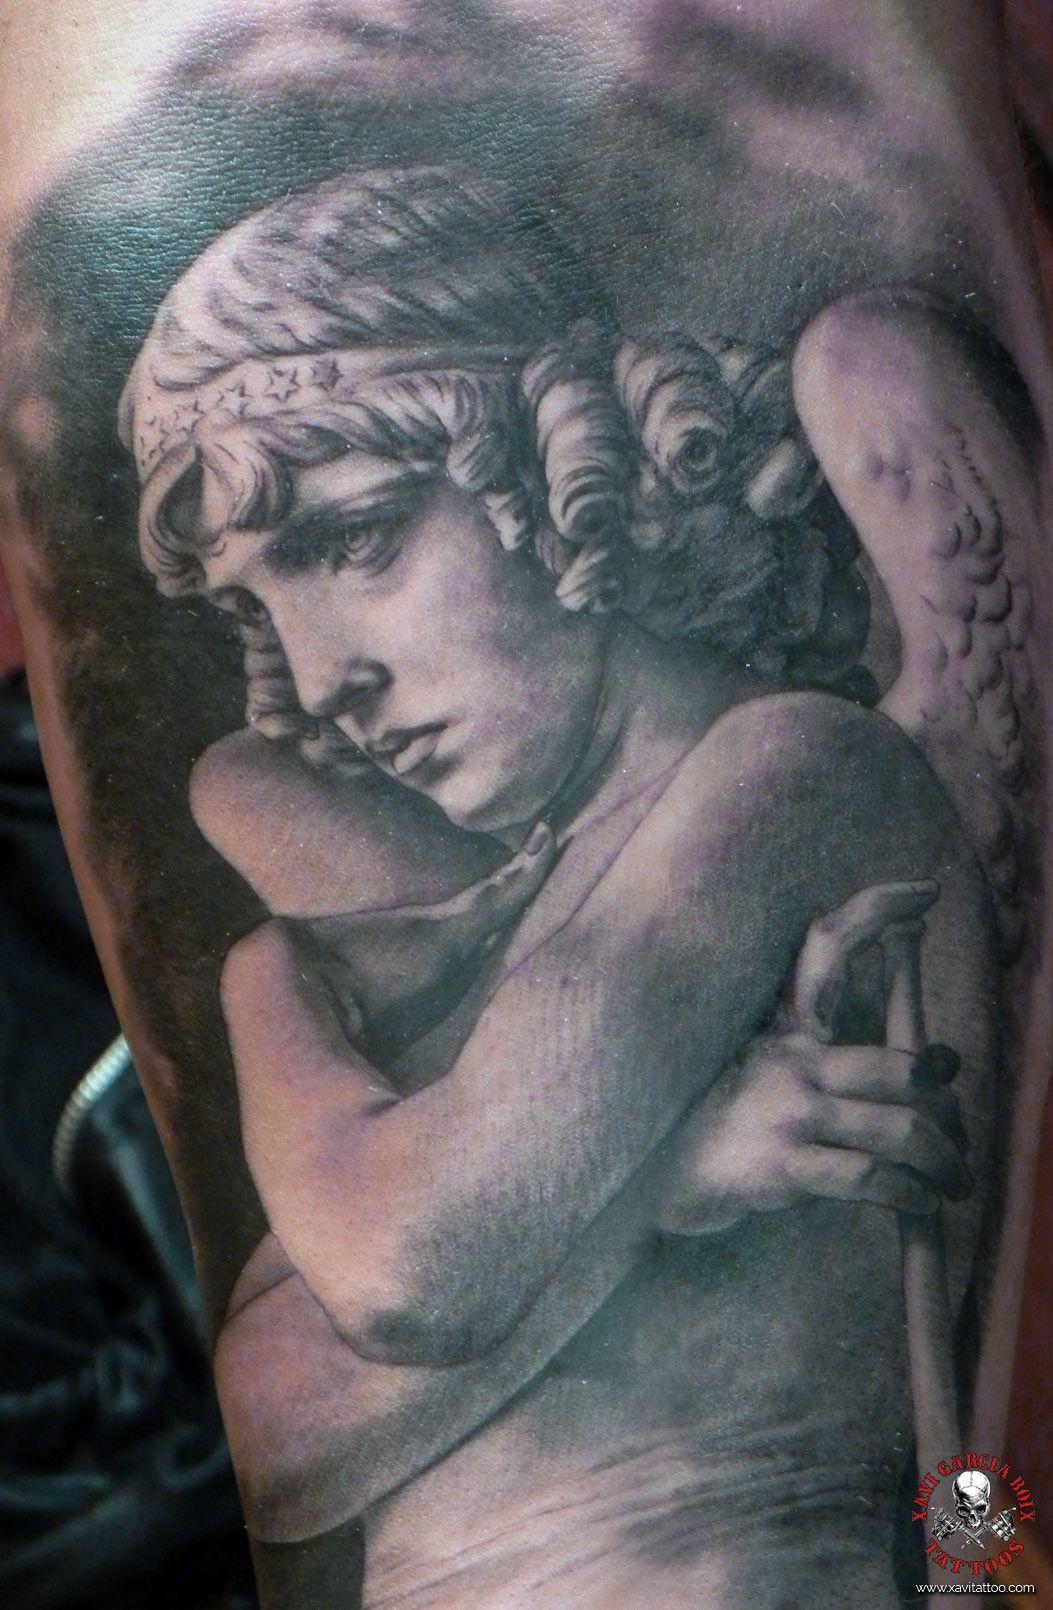 xavi garcia boix tattoo retrato realismo portrait realism tatuaje valencia diversos random angel-01 sculpture escultura